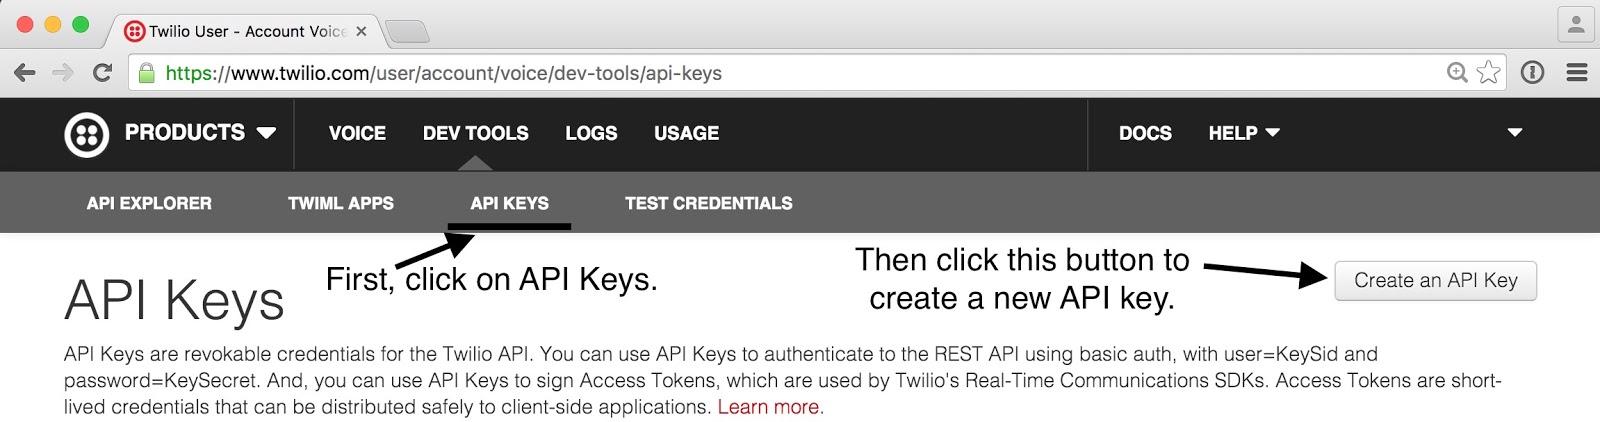 api-key-nav.jpg